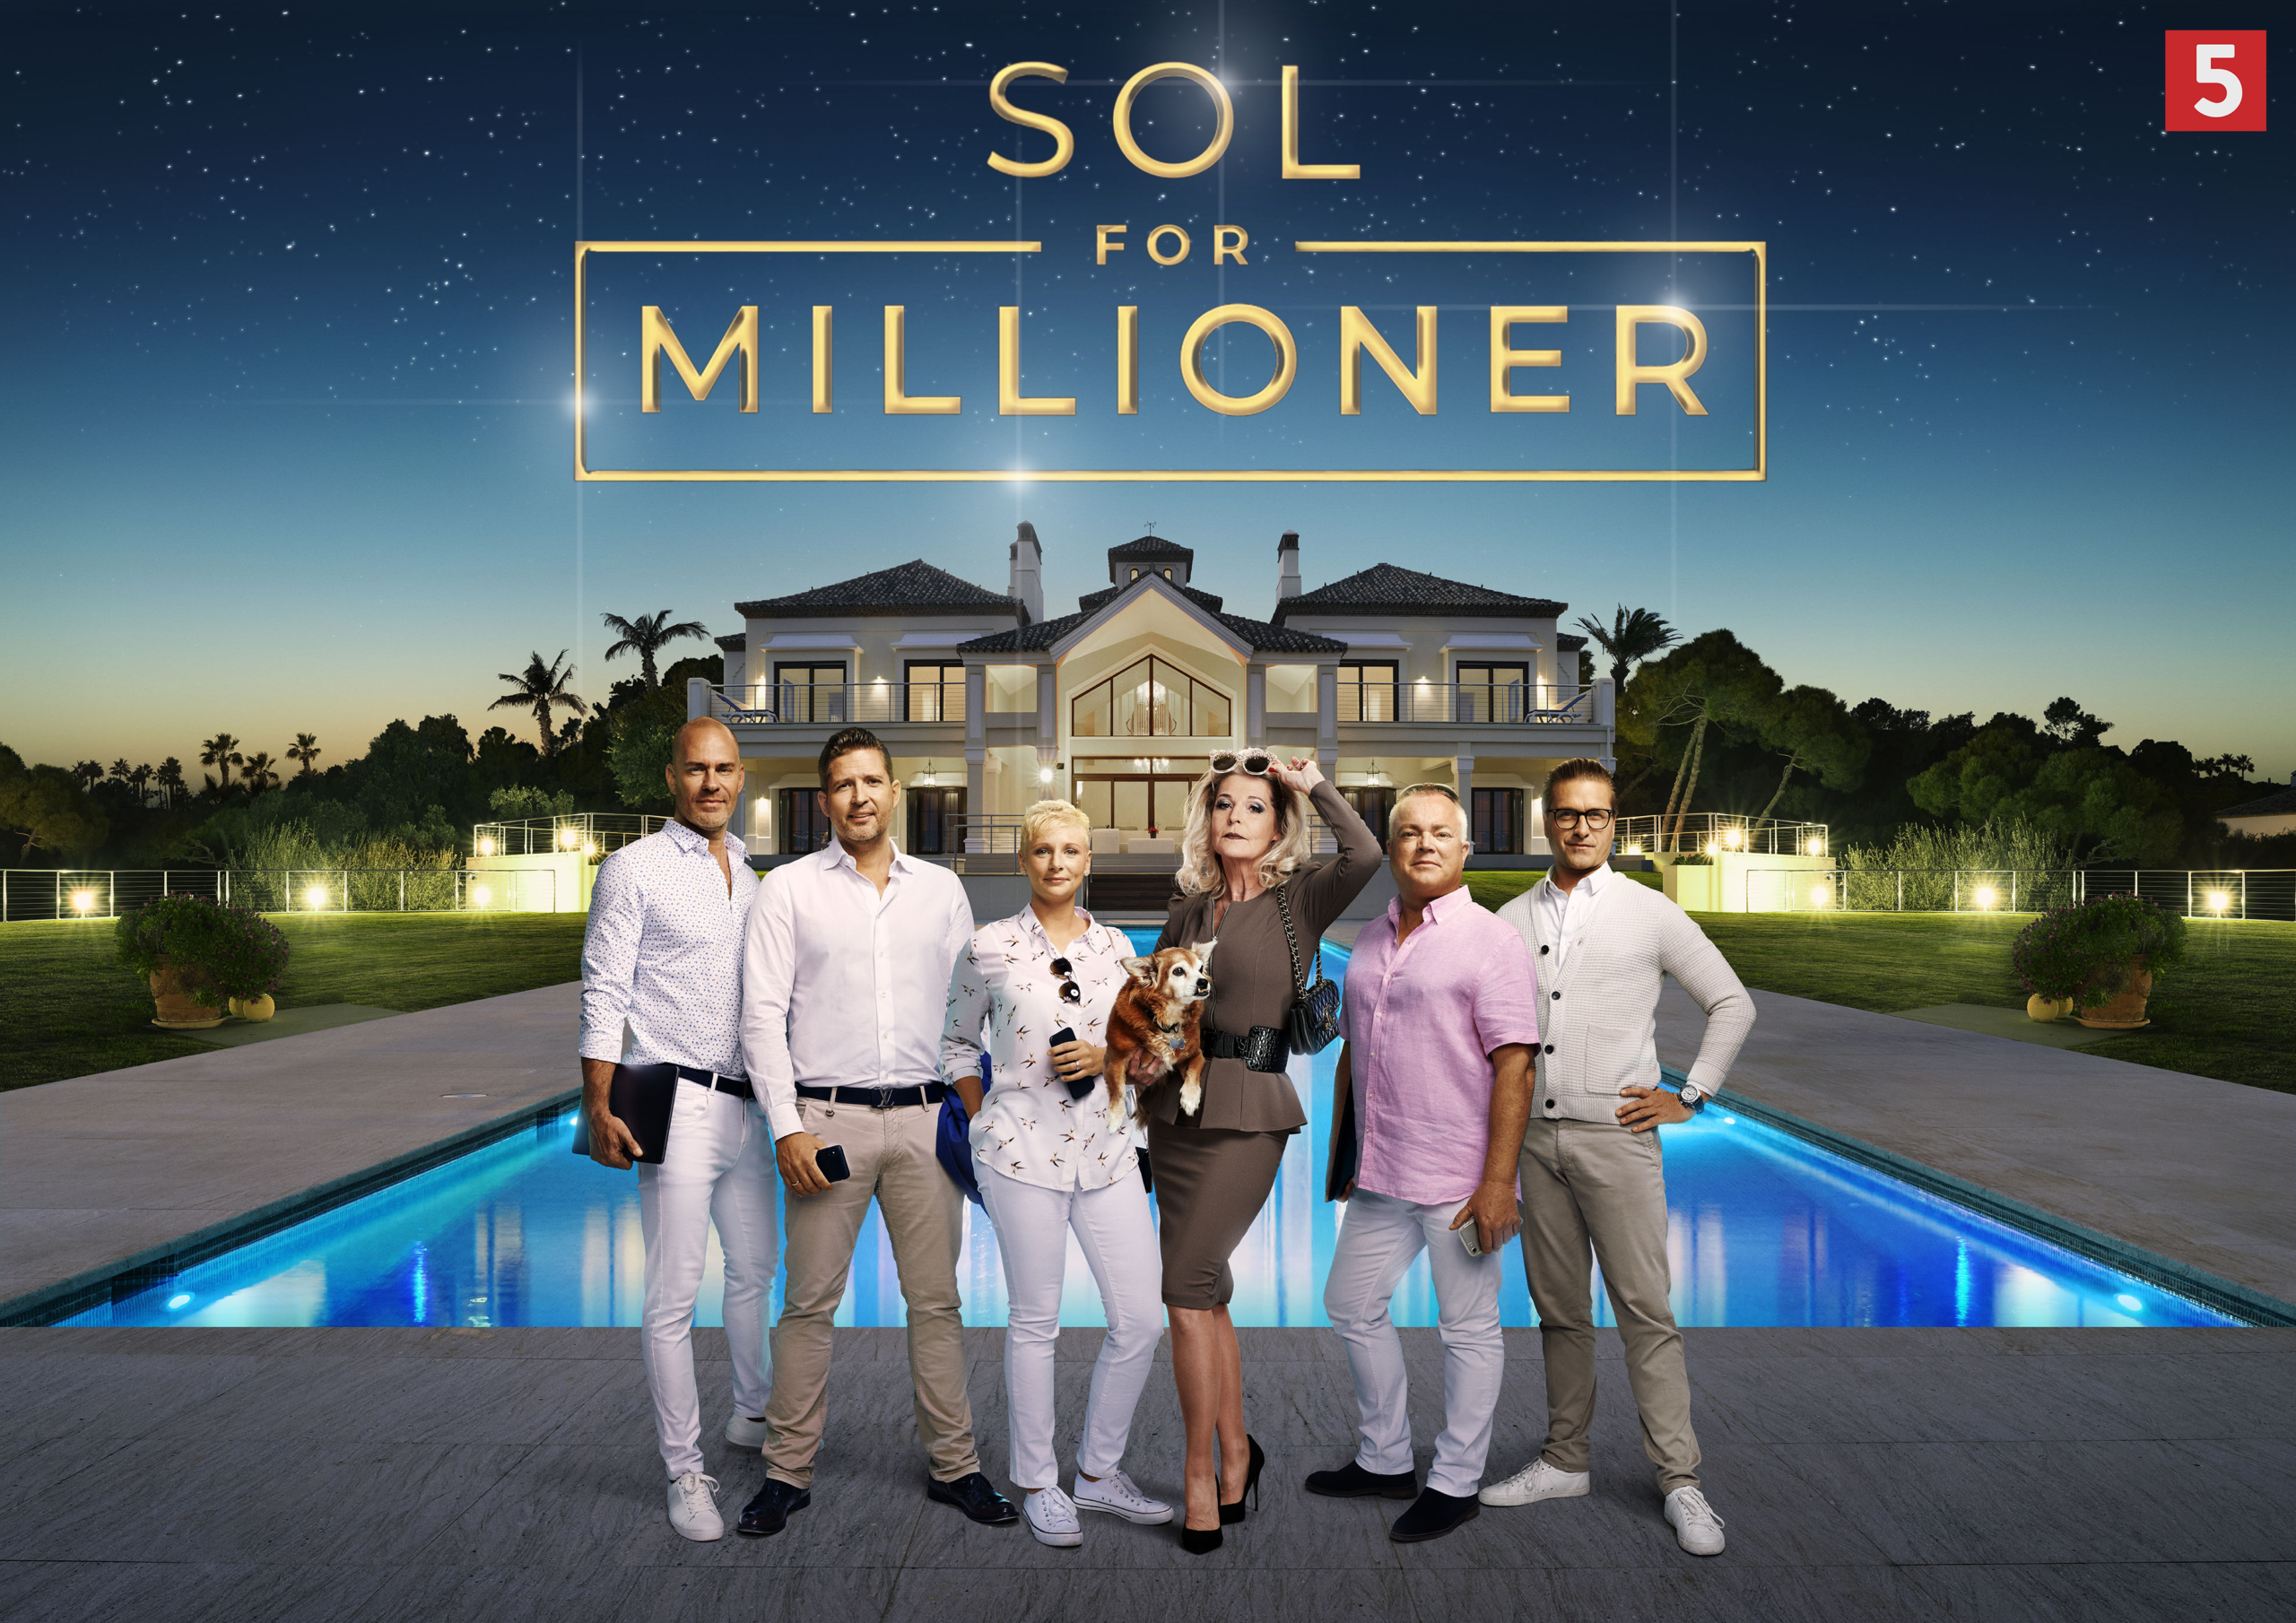 Sol for Milloner - Marbella Viewings